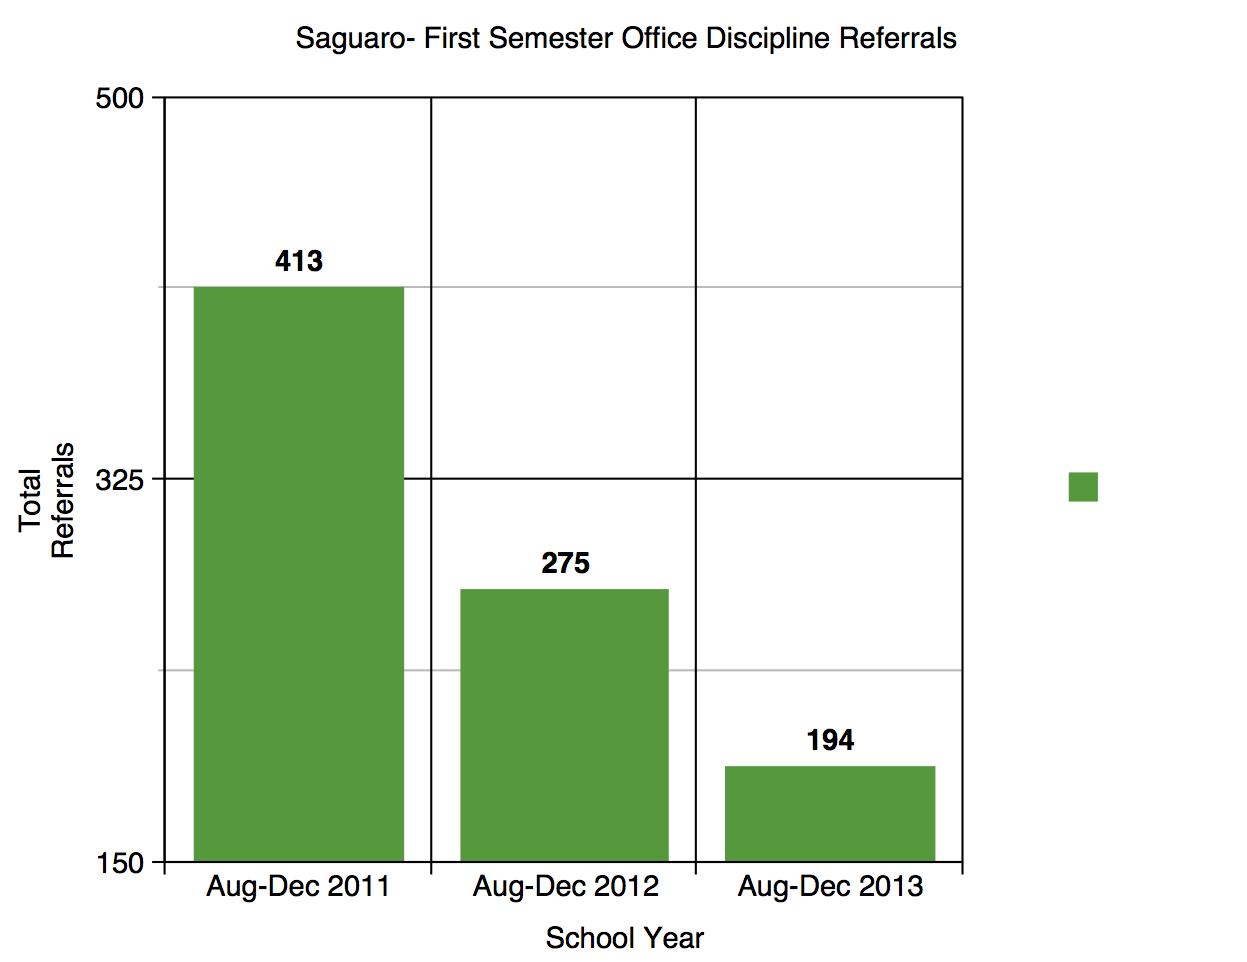 ODR-SaguaroHS-2011-2013